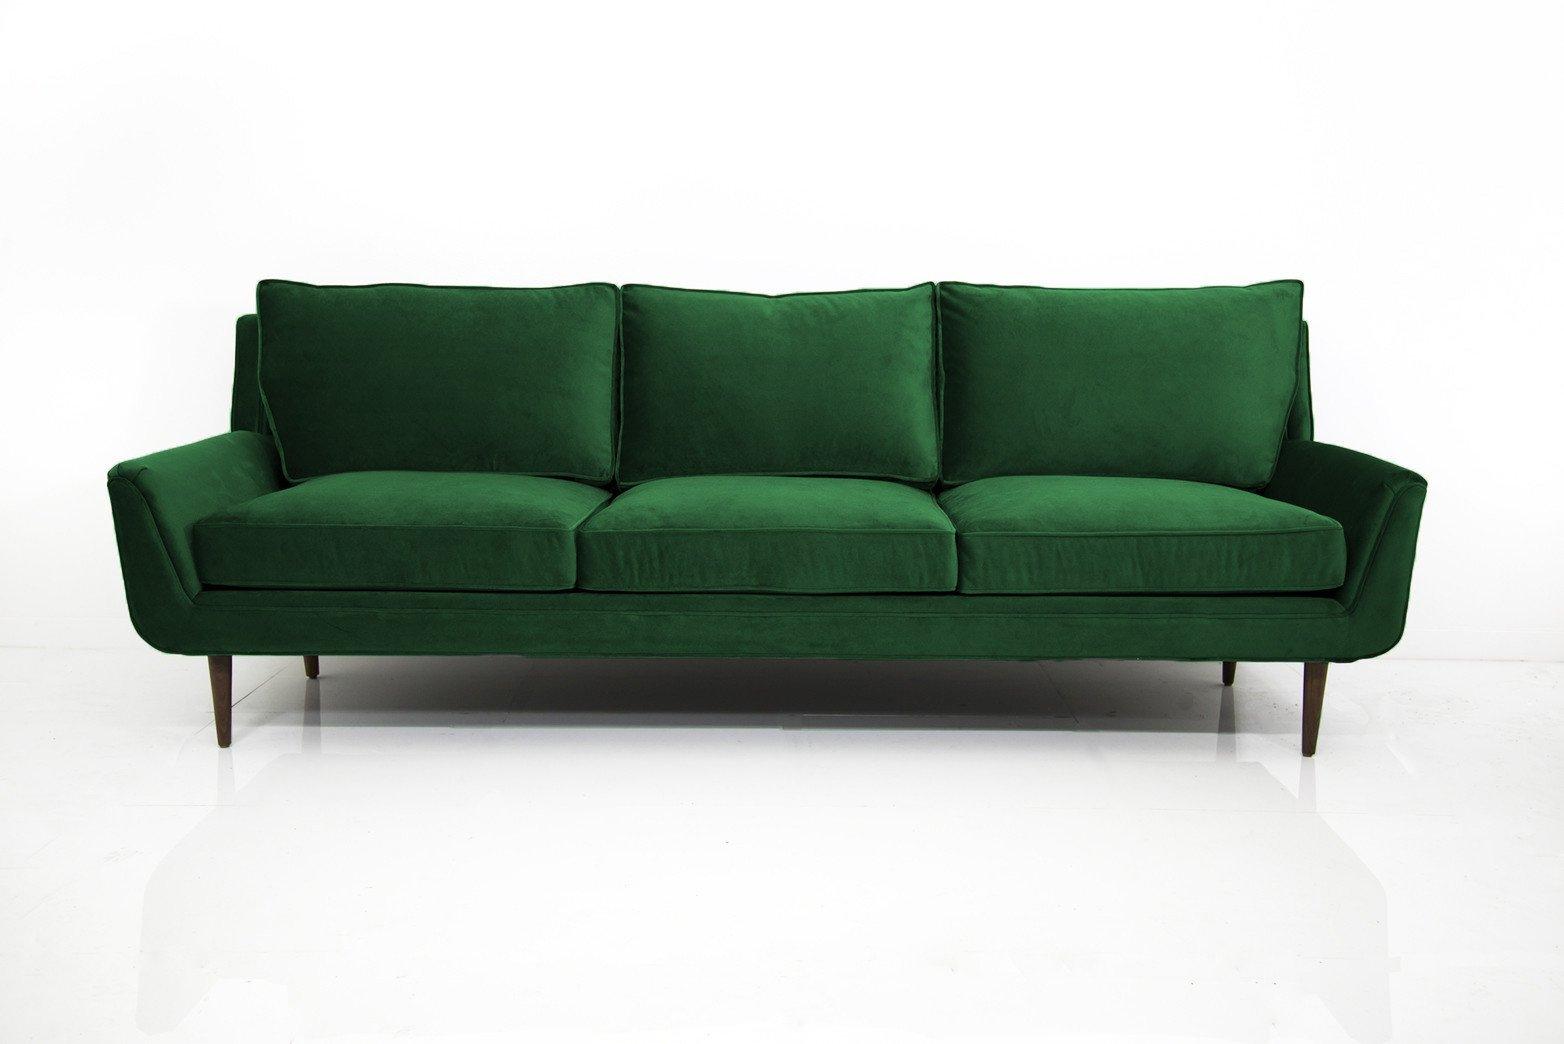 velvet sofa stockholm sofa in emerald green velvet MTDXTQL